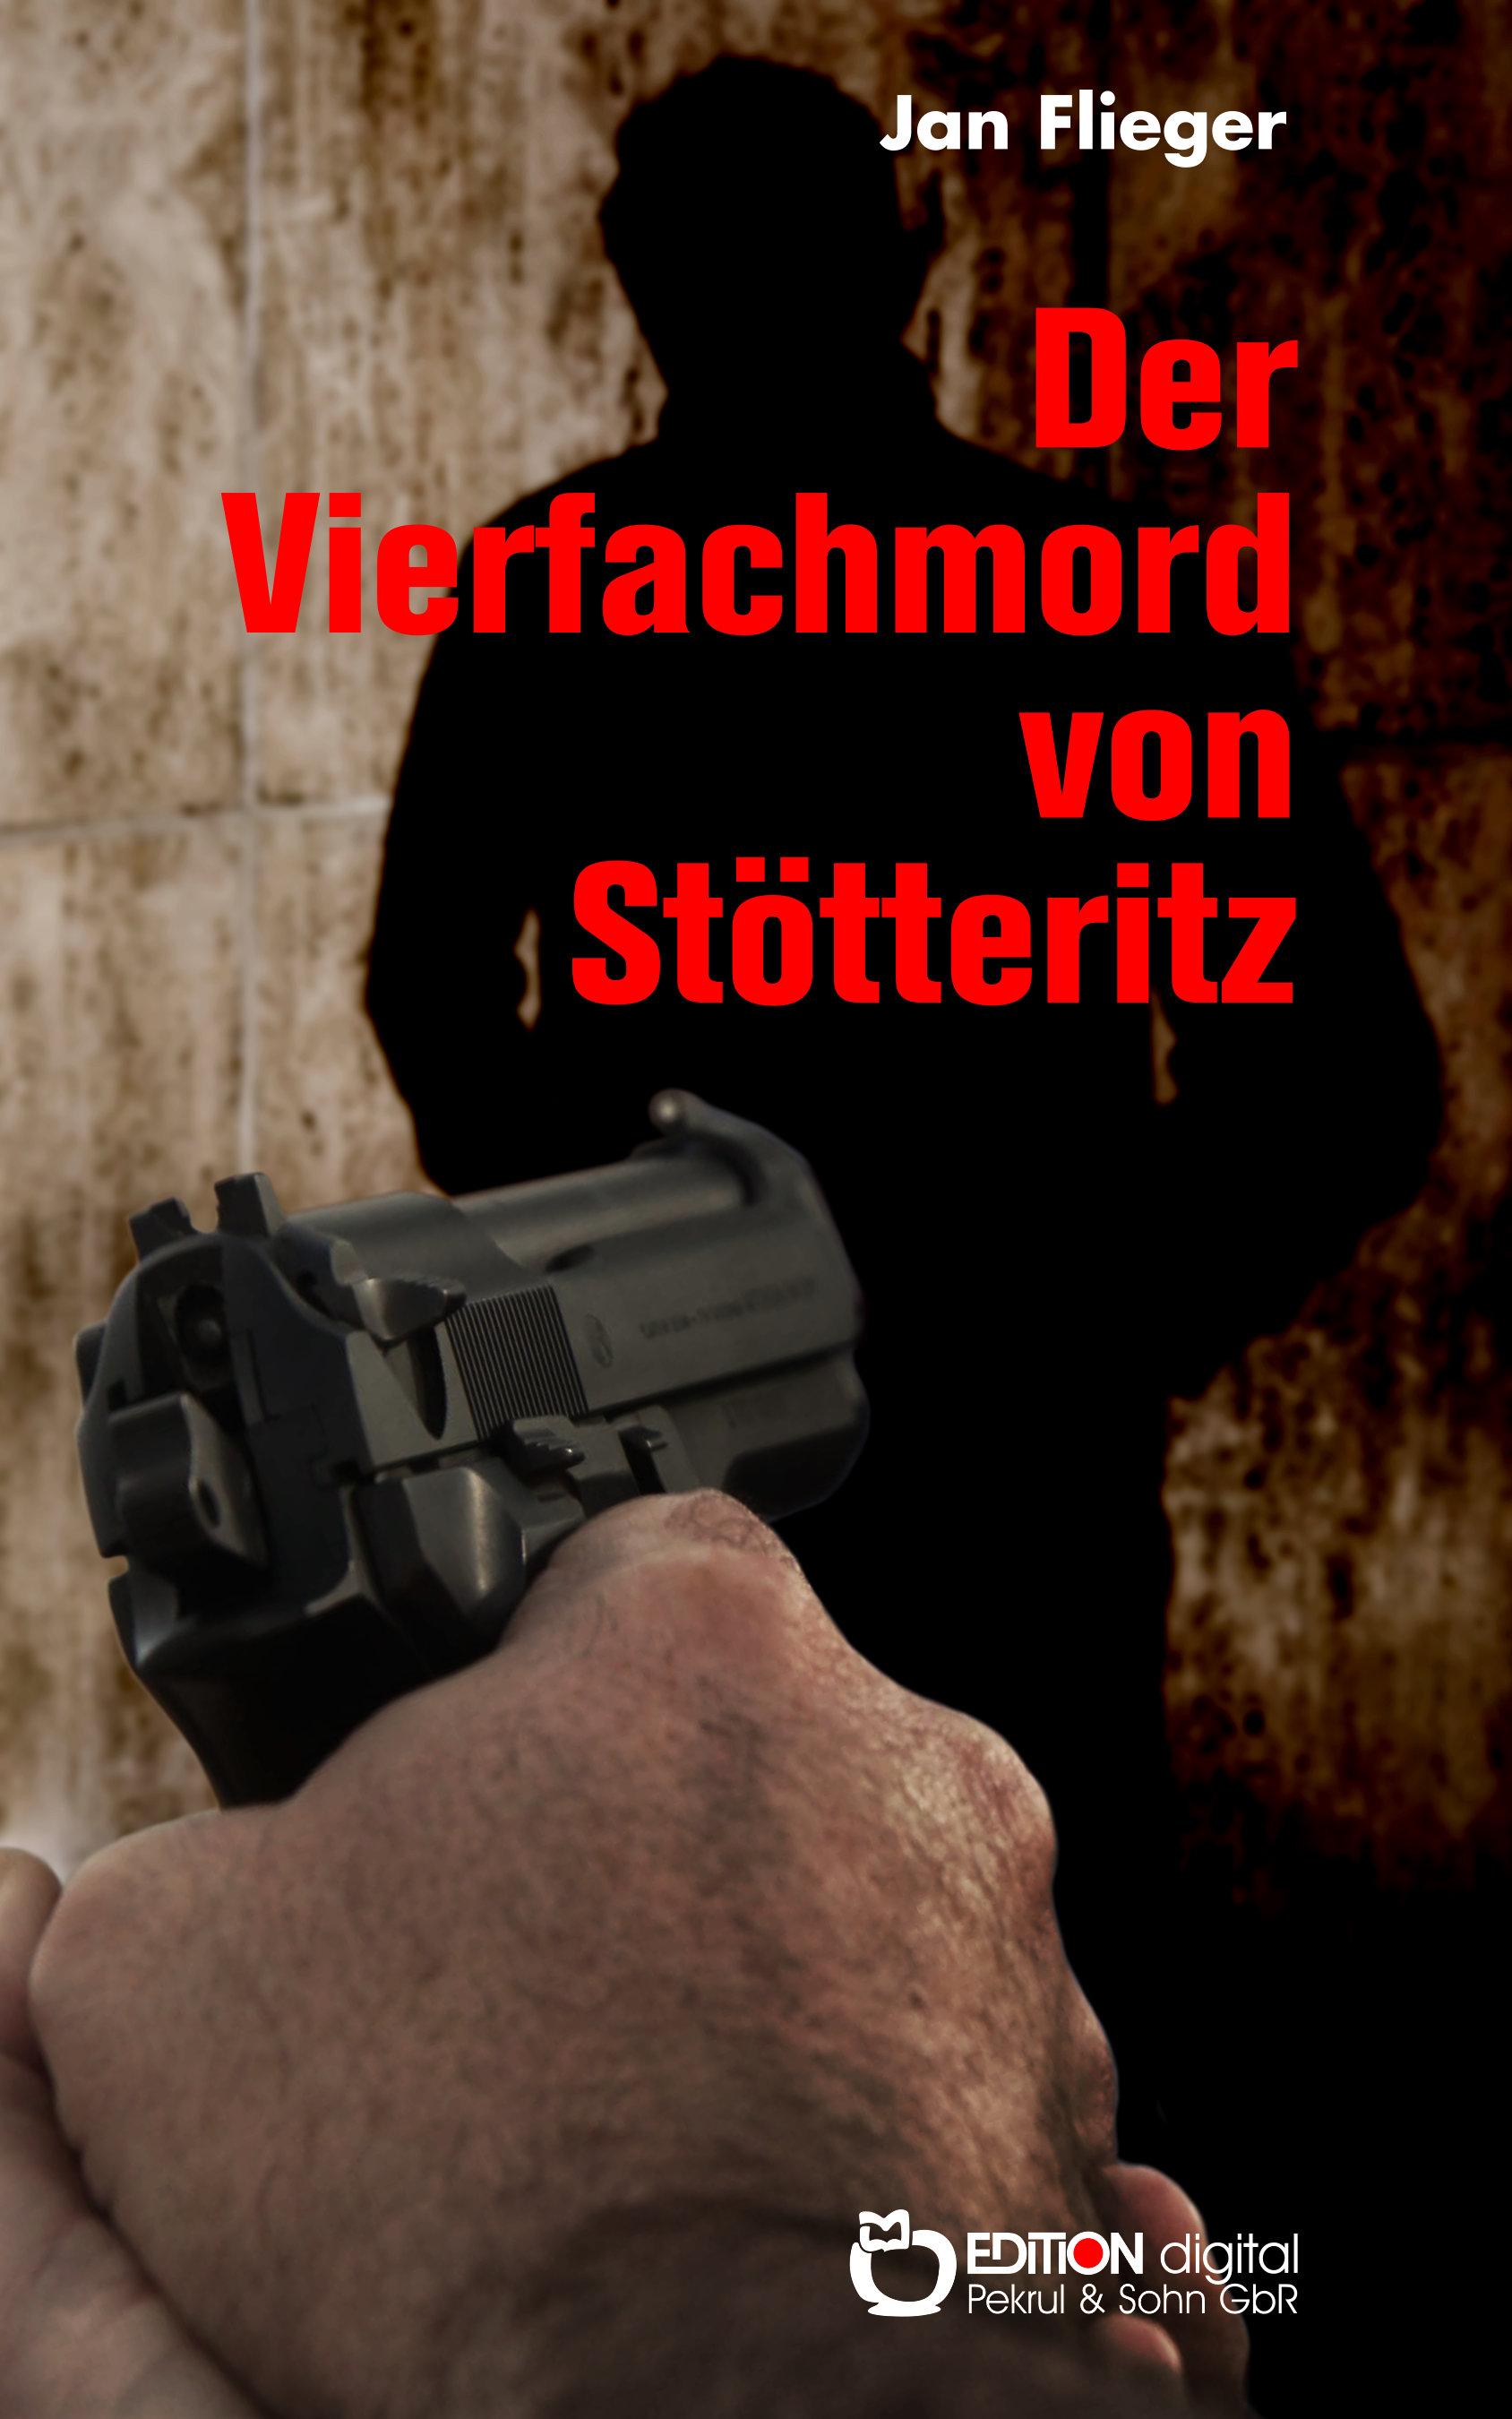 Der Vierfachmord von Stötteritz von Jan Flieger